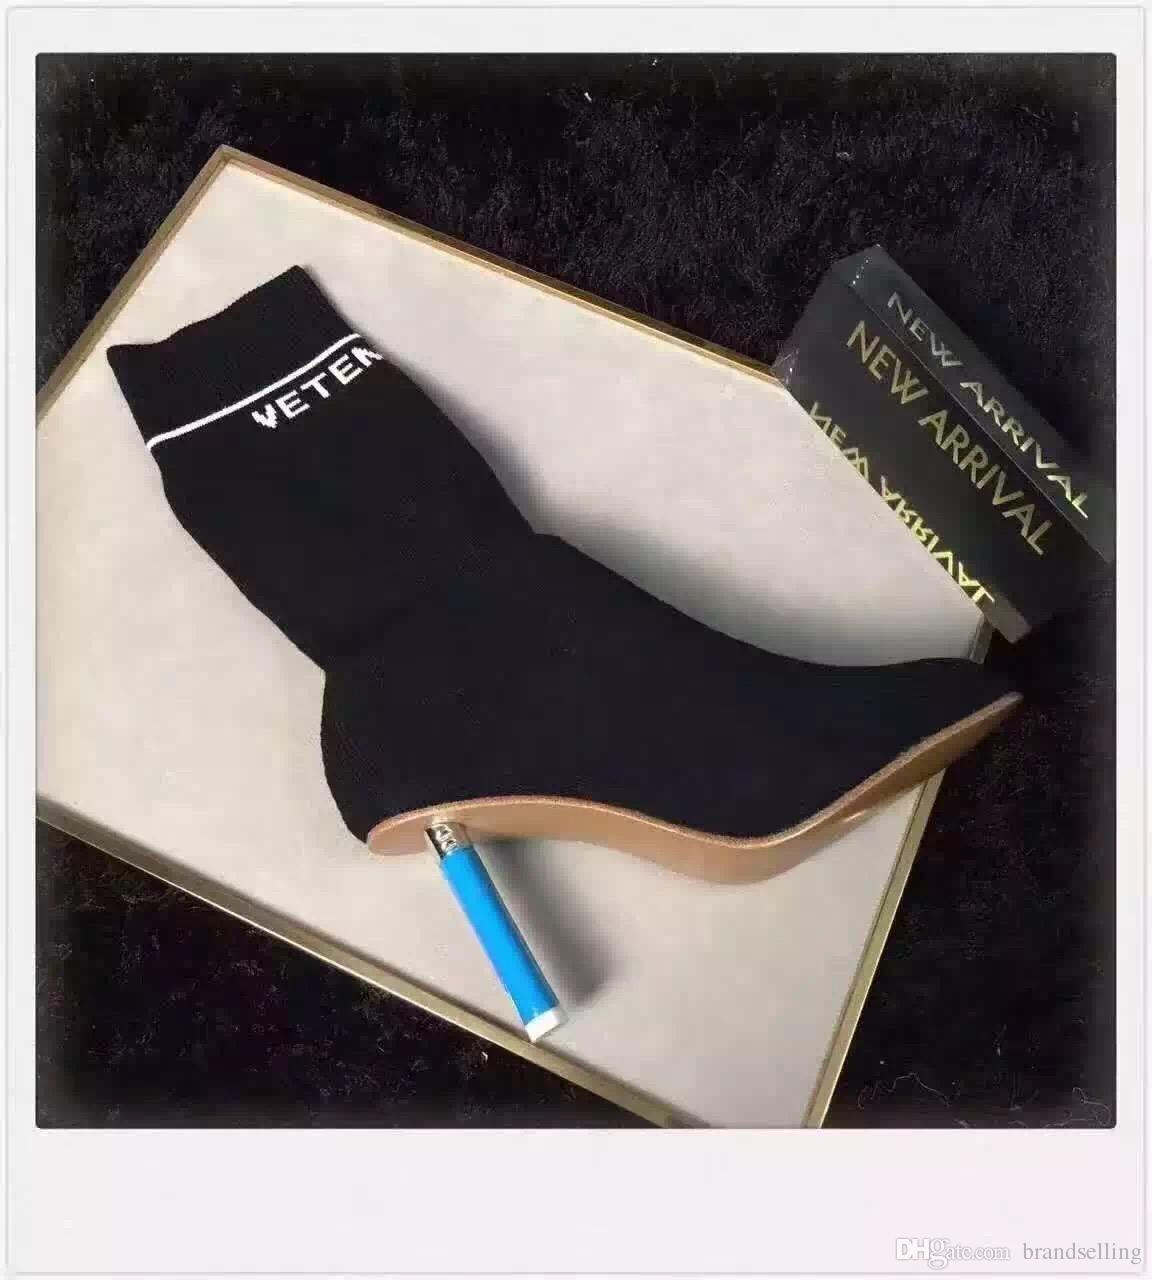 vetements botas de salto mais leve vinho preto botas de moda feminina sexy outono feminino calcanhares mulheres sapatos tecido elástico botas de salto médio